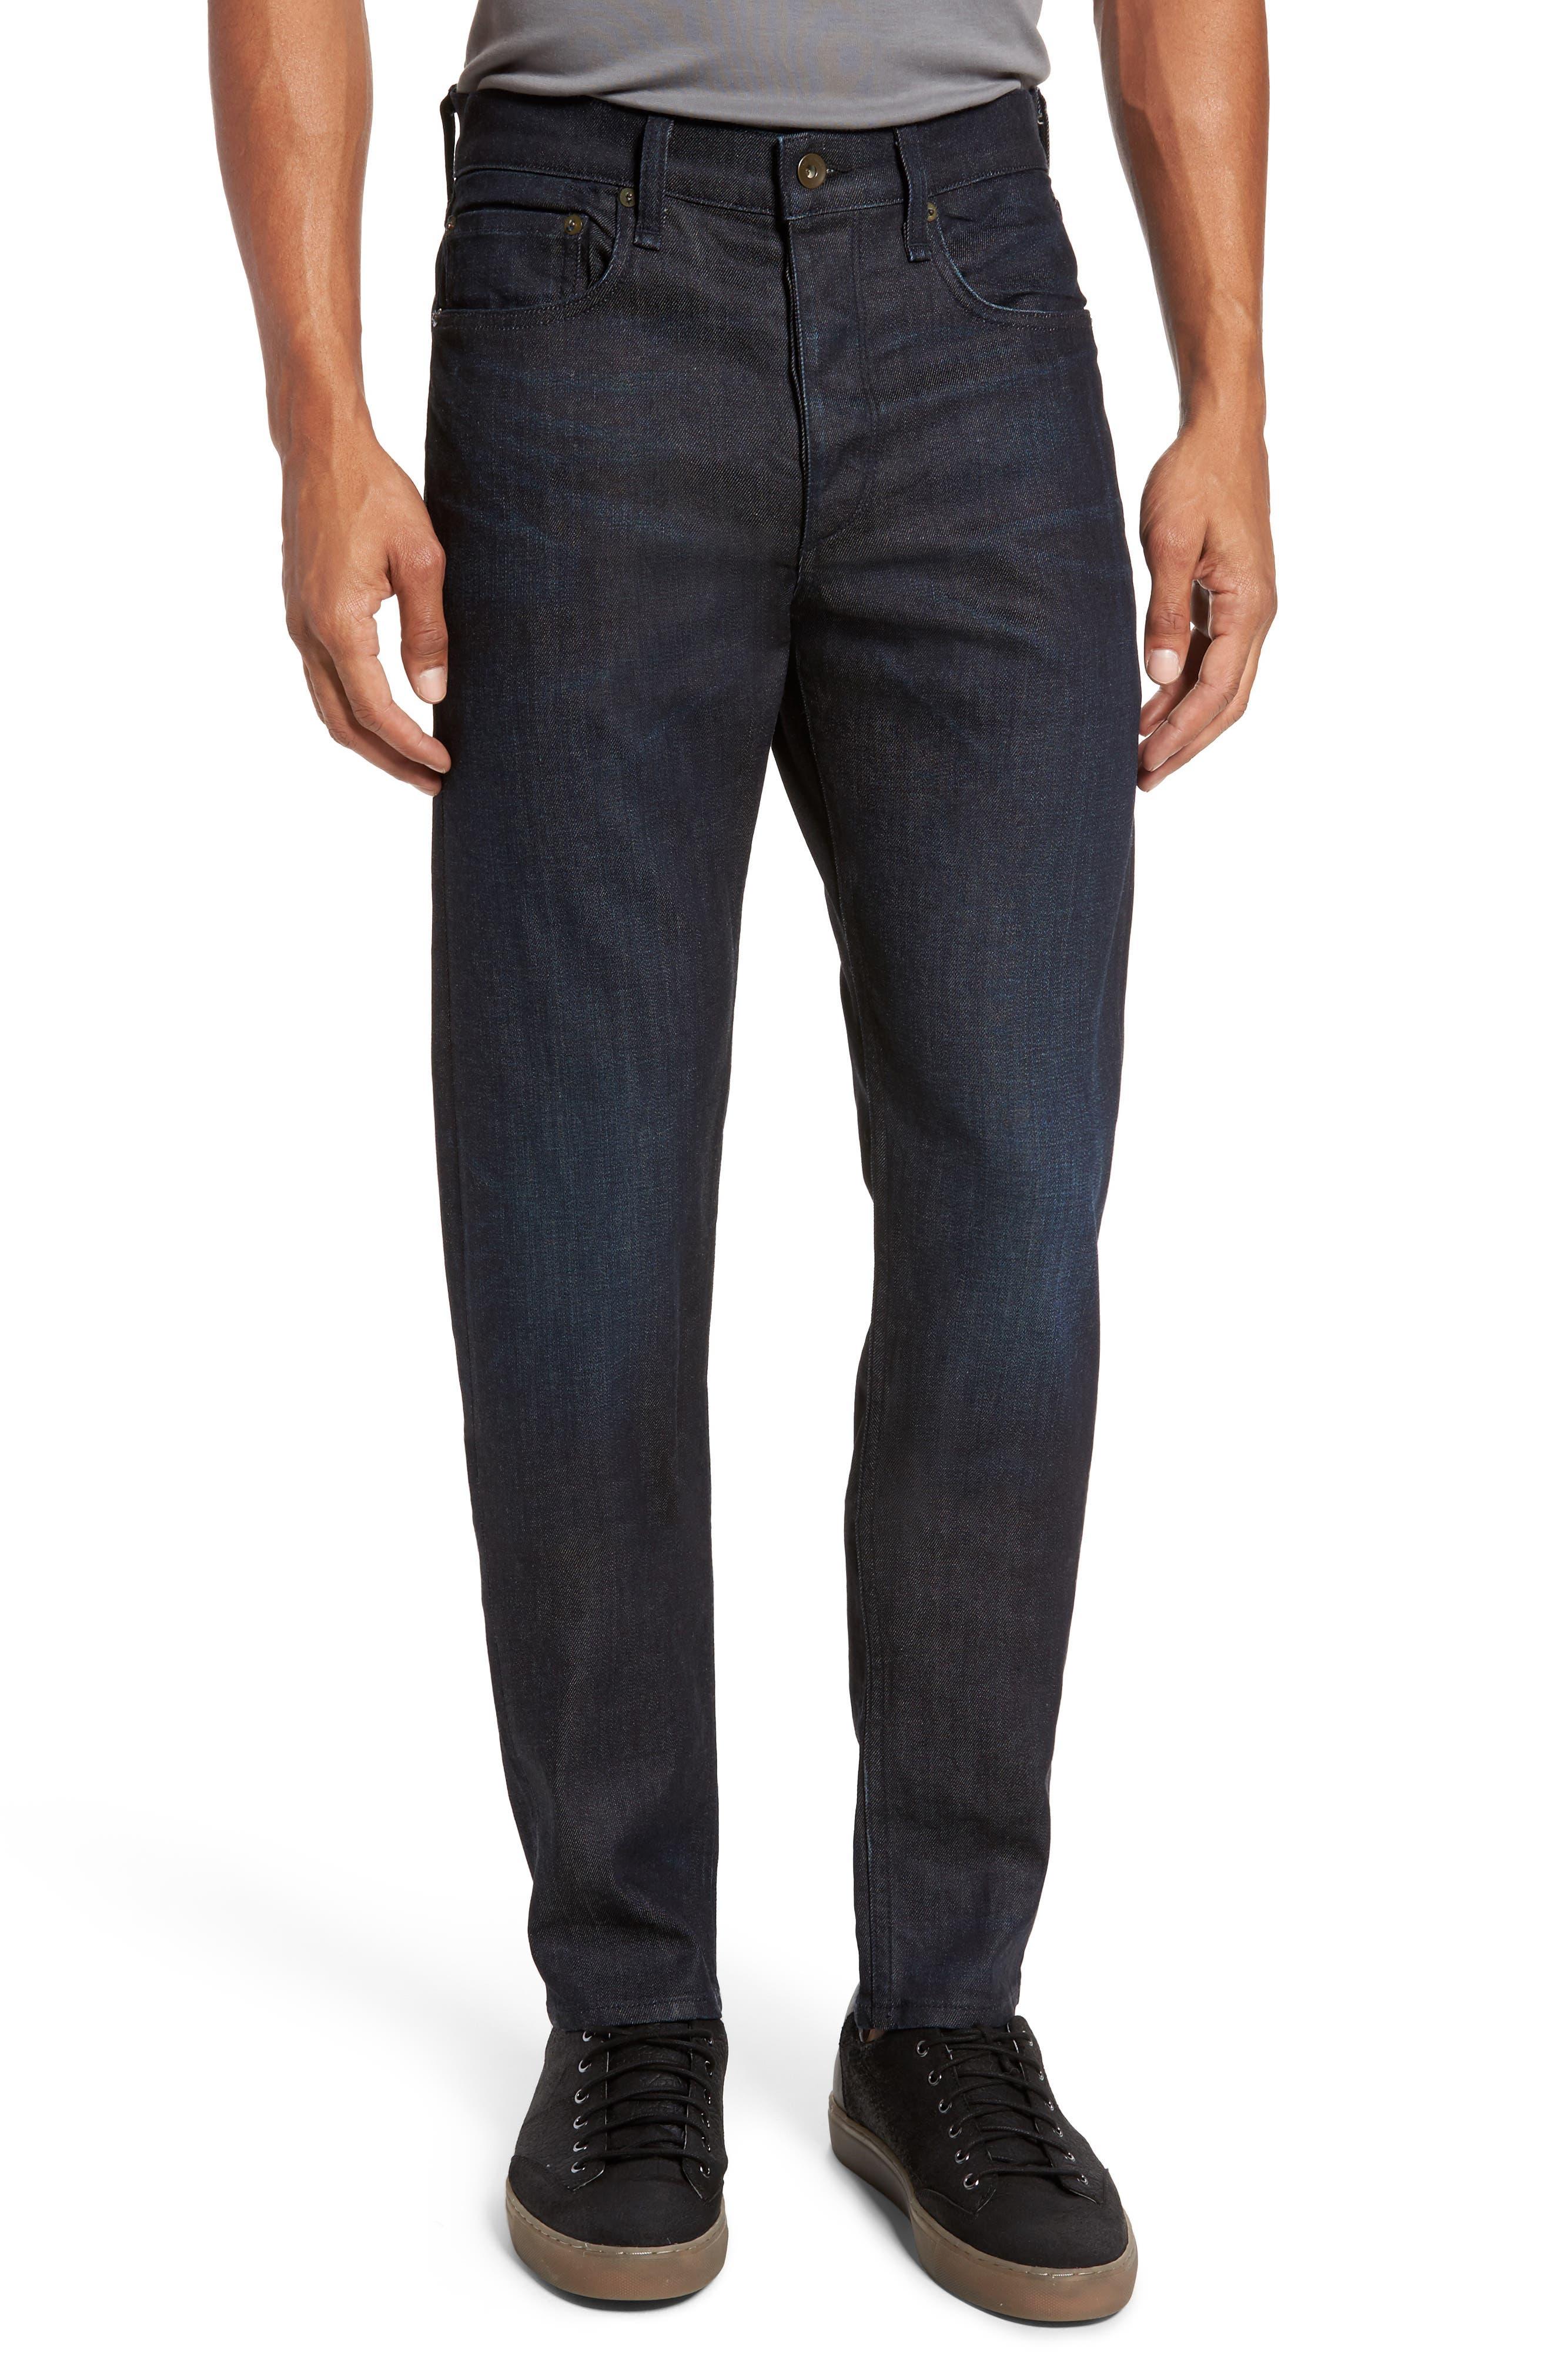 PAIGE Transcend - Lennox Slim Fit Jeans (Kentner)